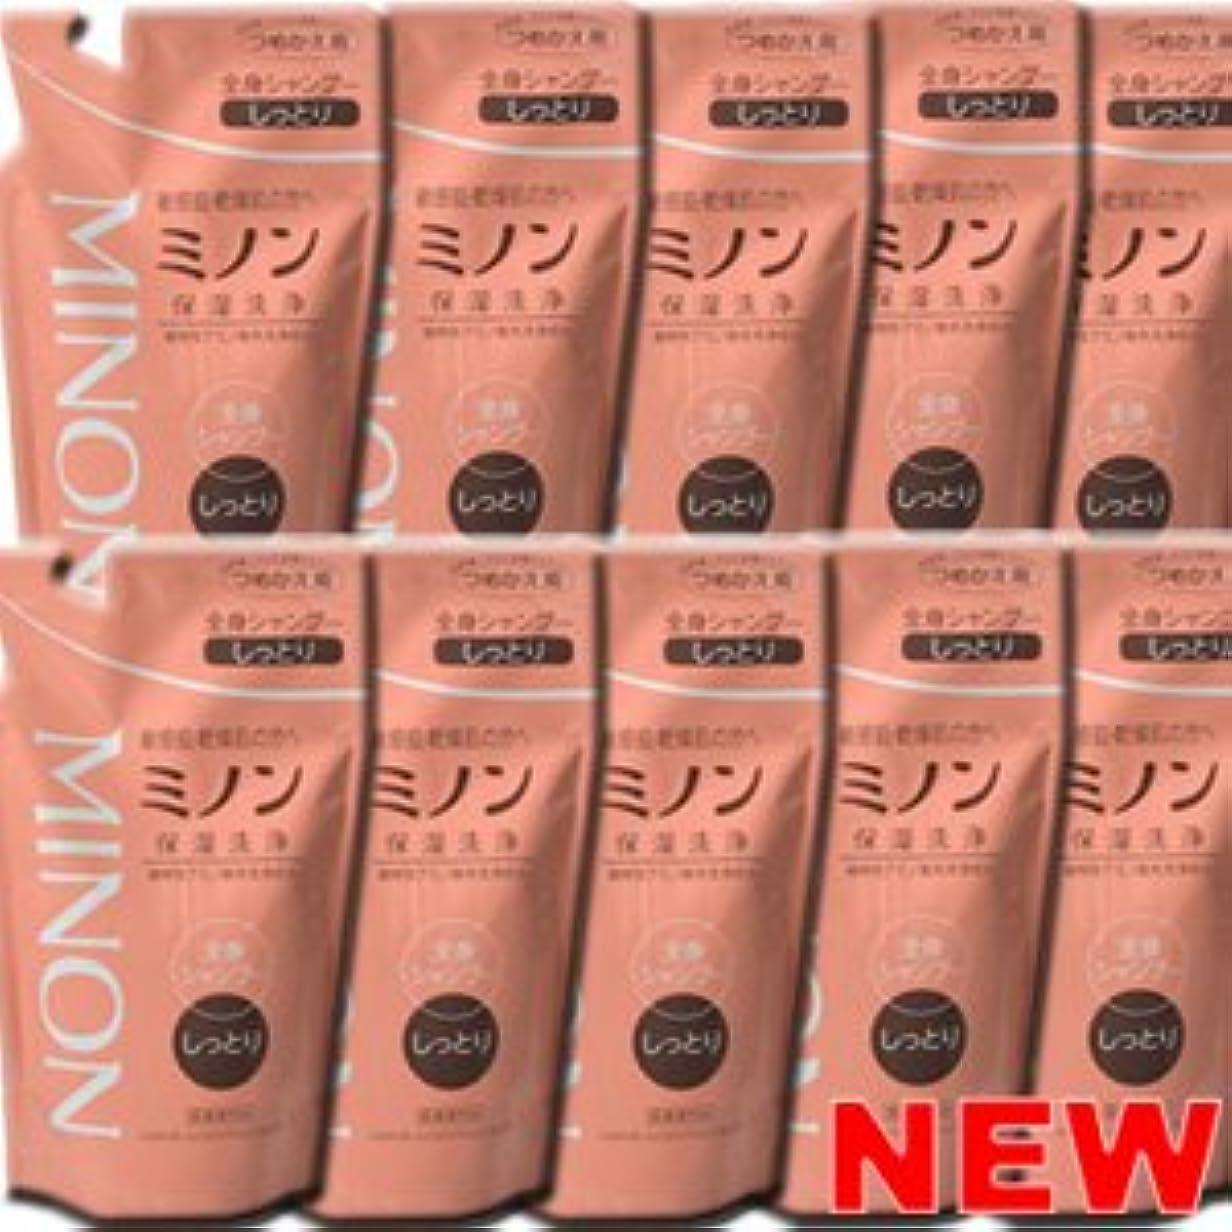 【10個】 ミノン 薬用全身シャンプー しっとりタイプ つめかえ用 380mlx10個 (4987107615930)